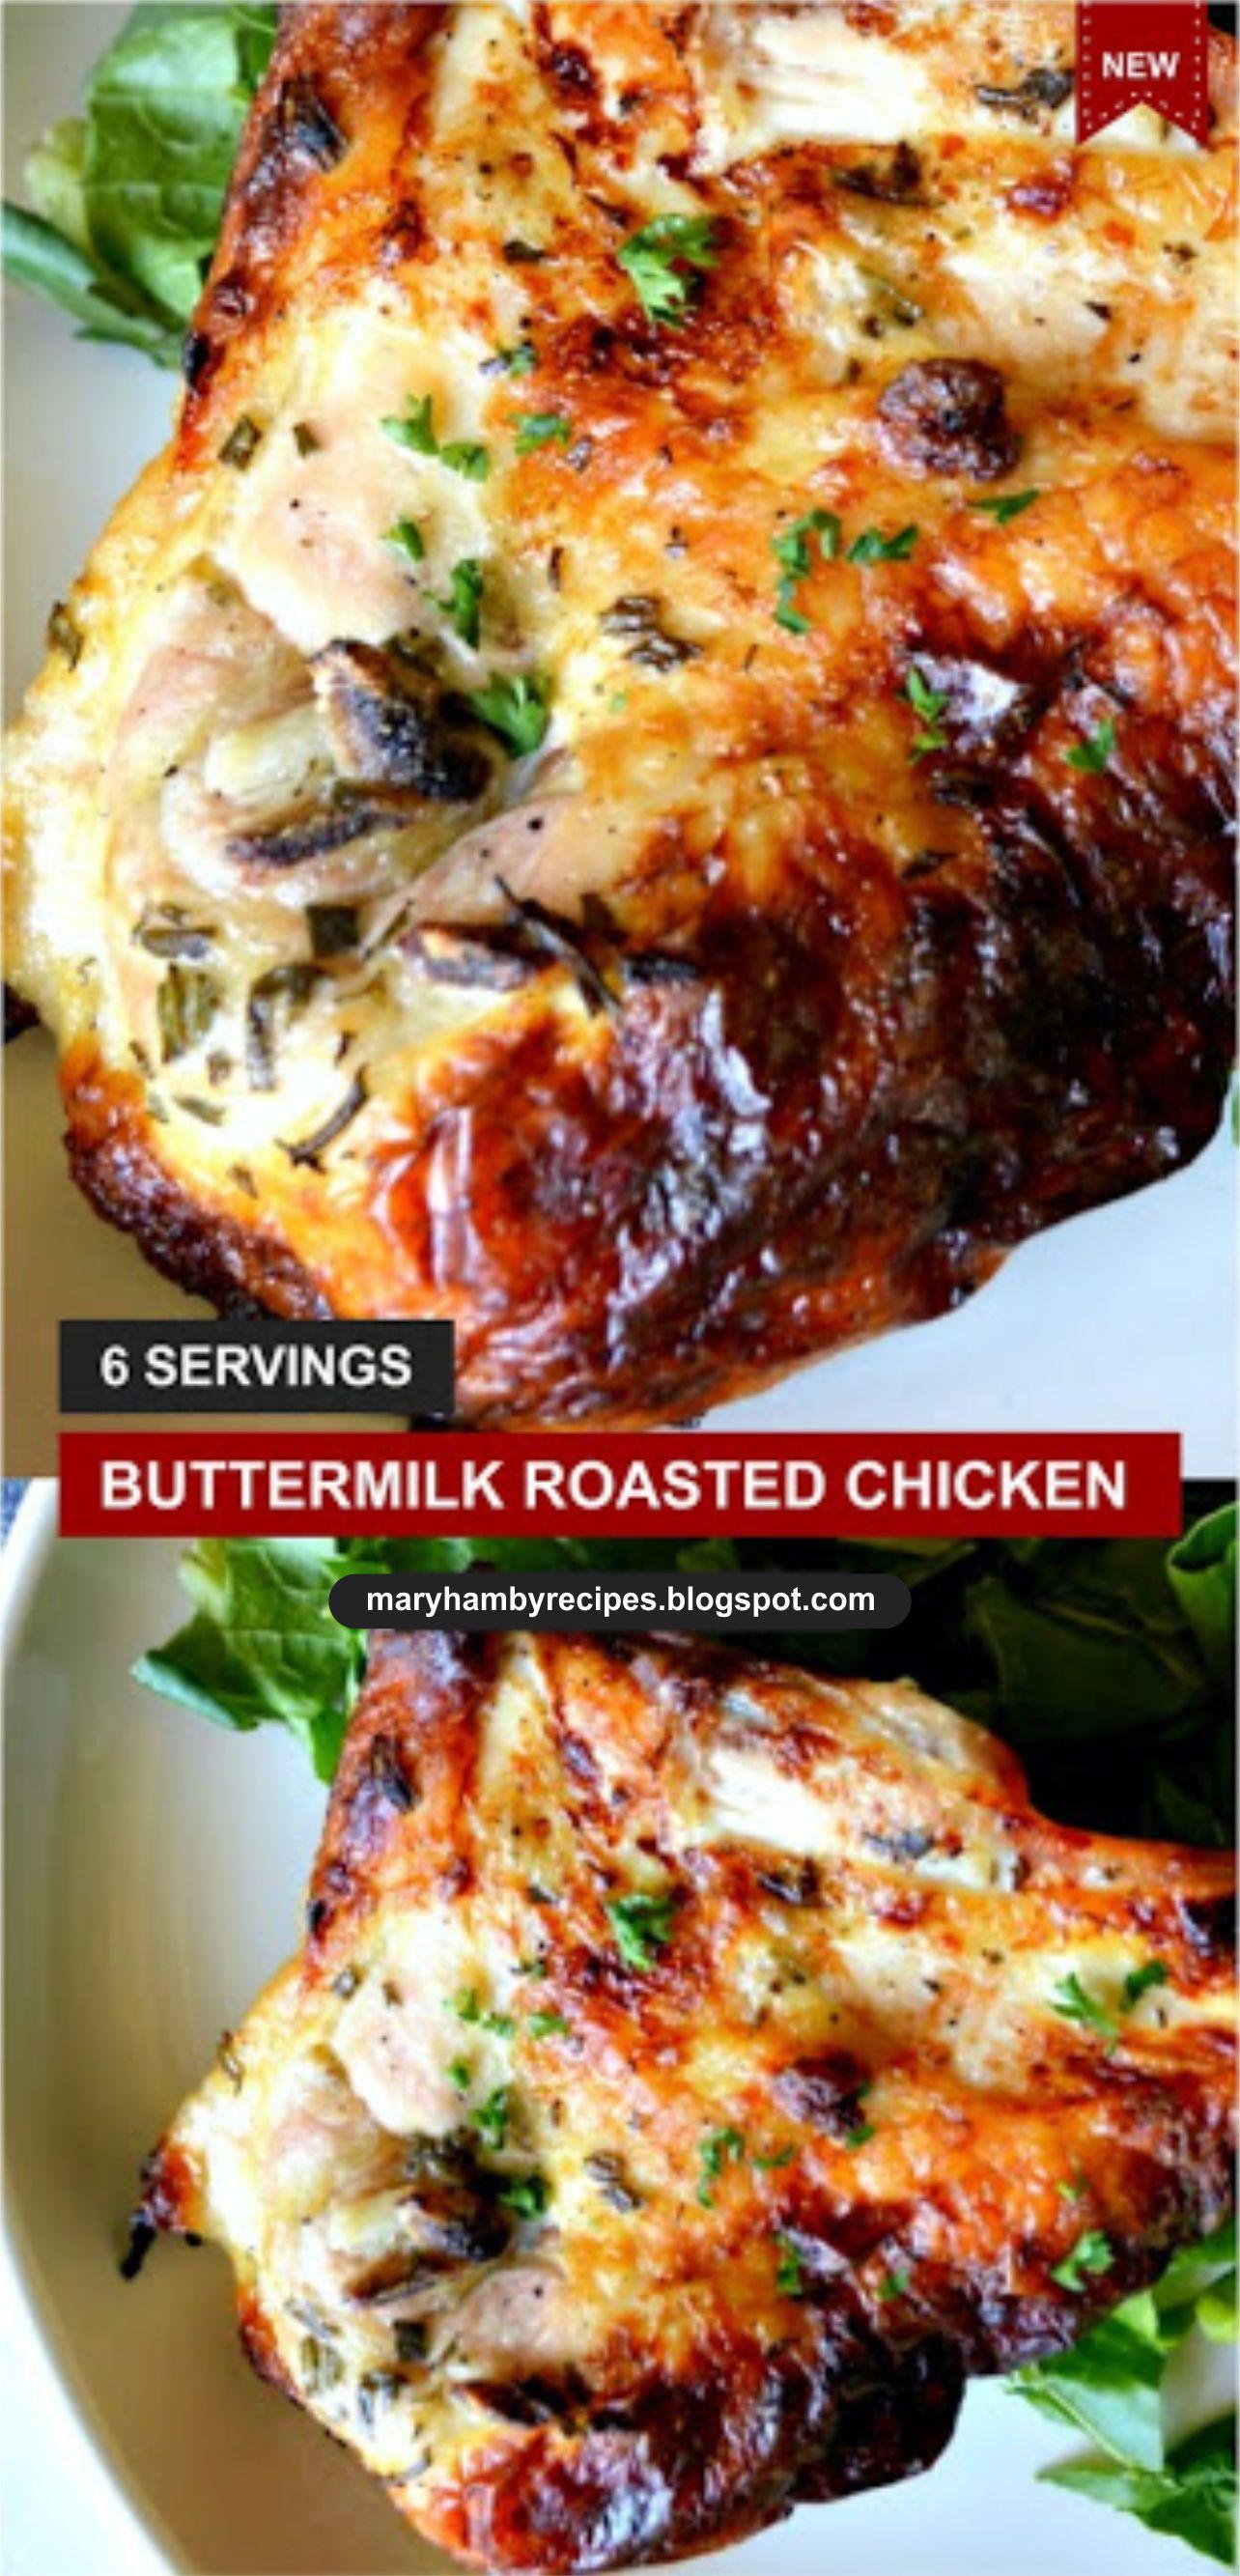 Buttermilk Roasted Chicken Roast Chicken Recipes Chicken Recipes Baked Chicken Recipes